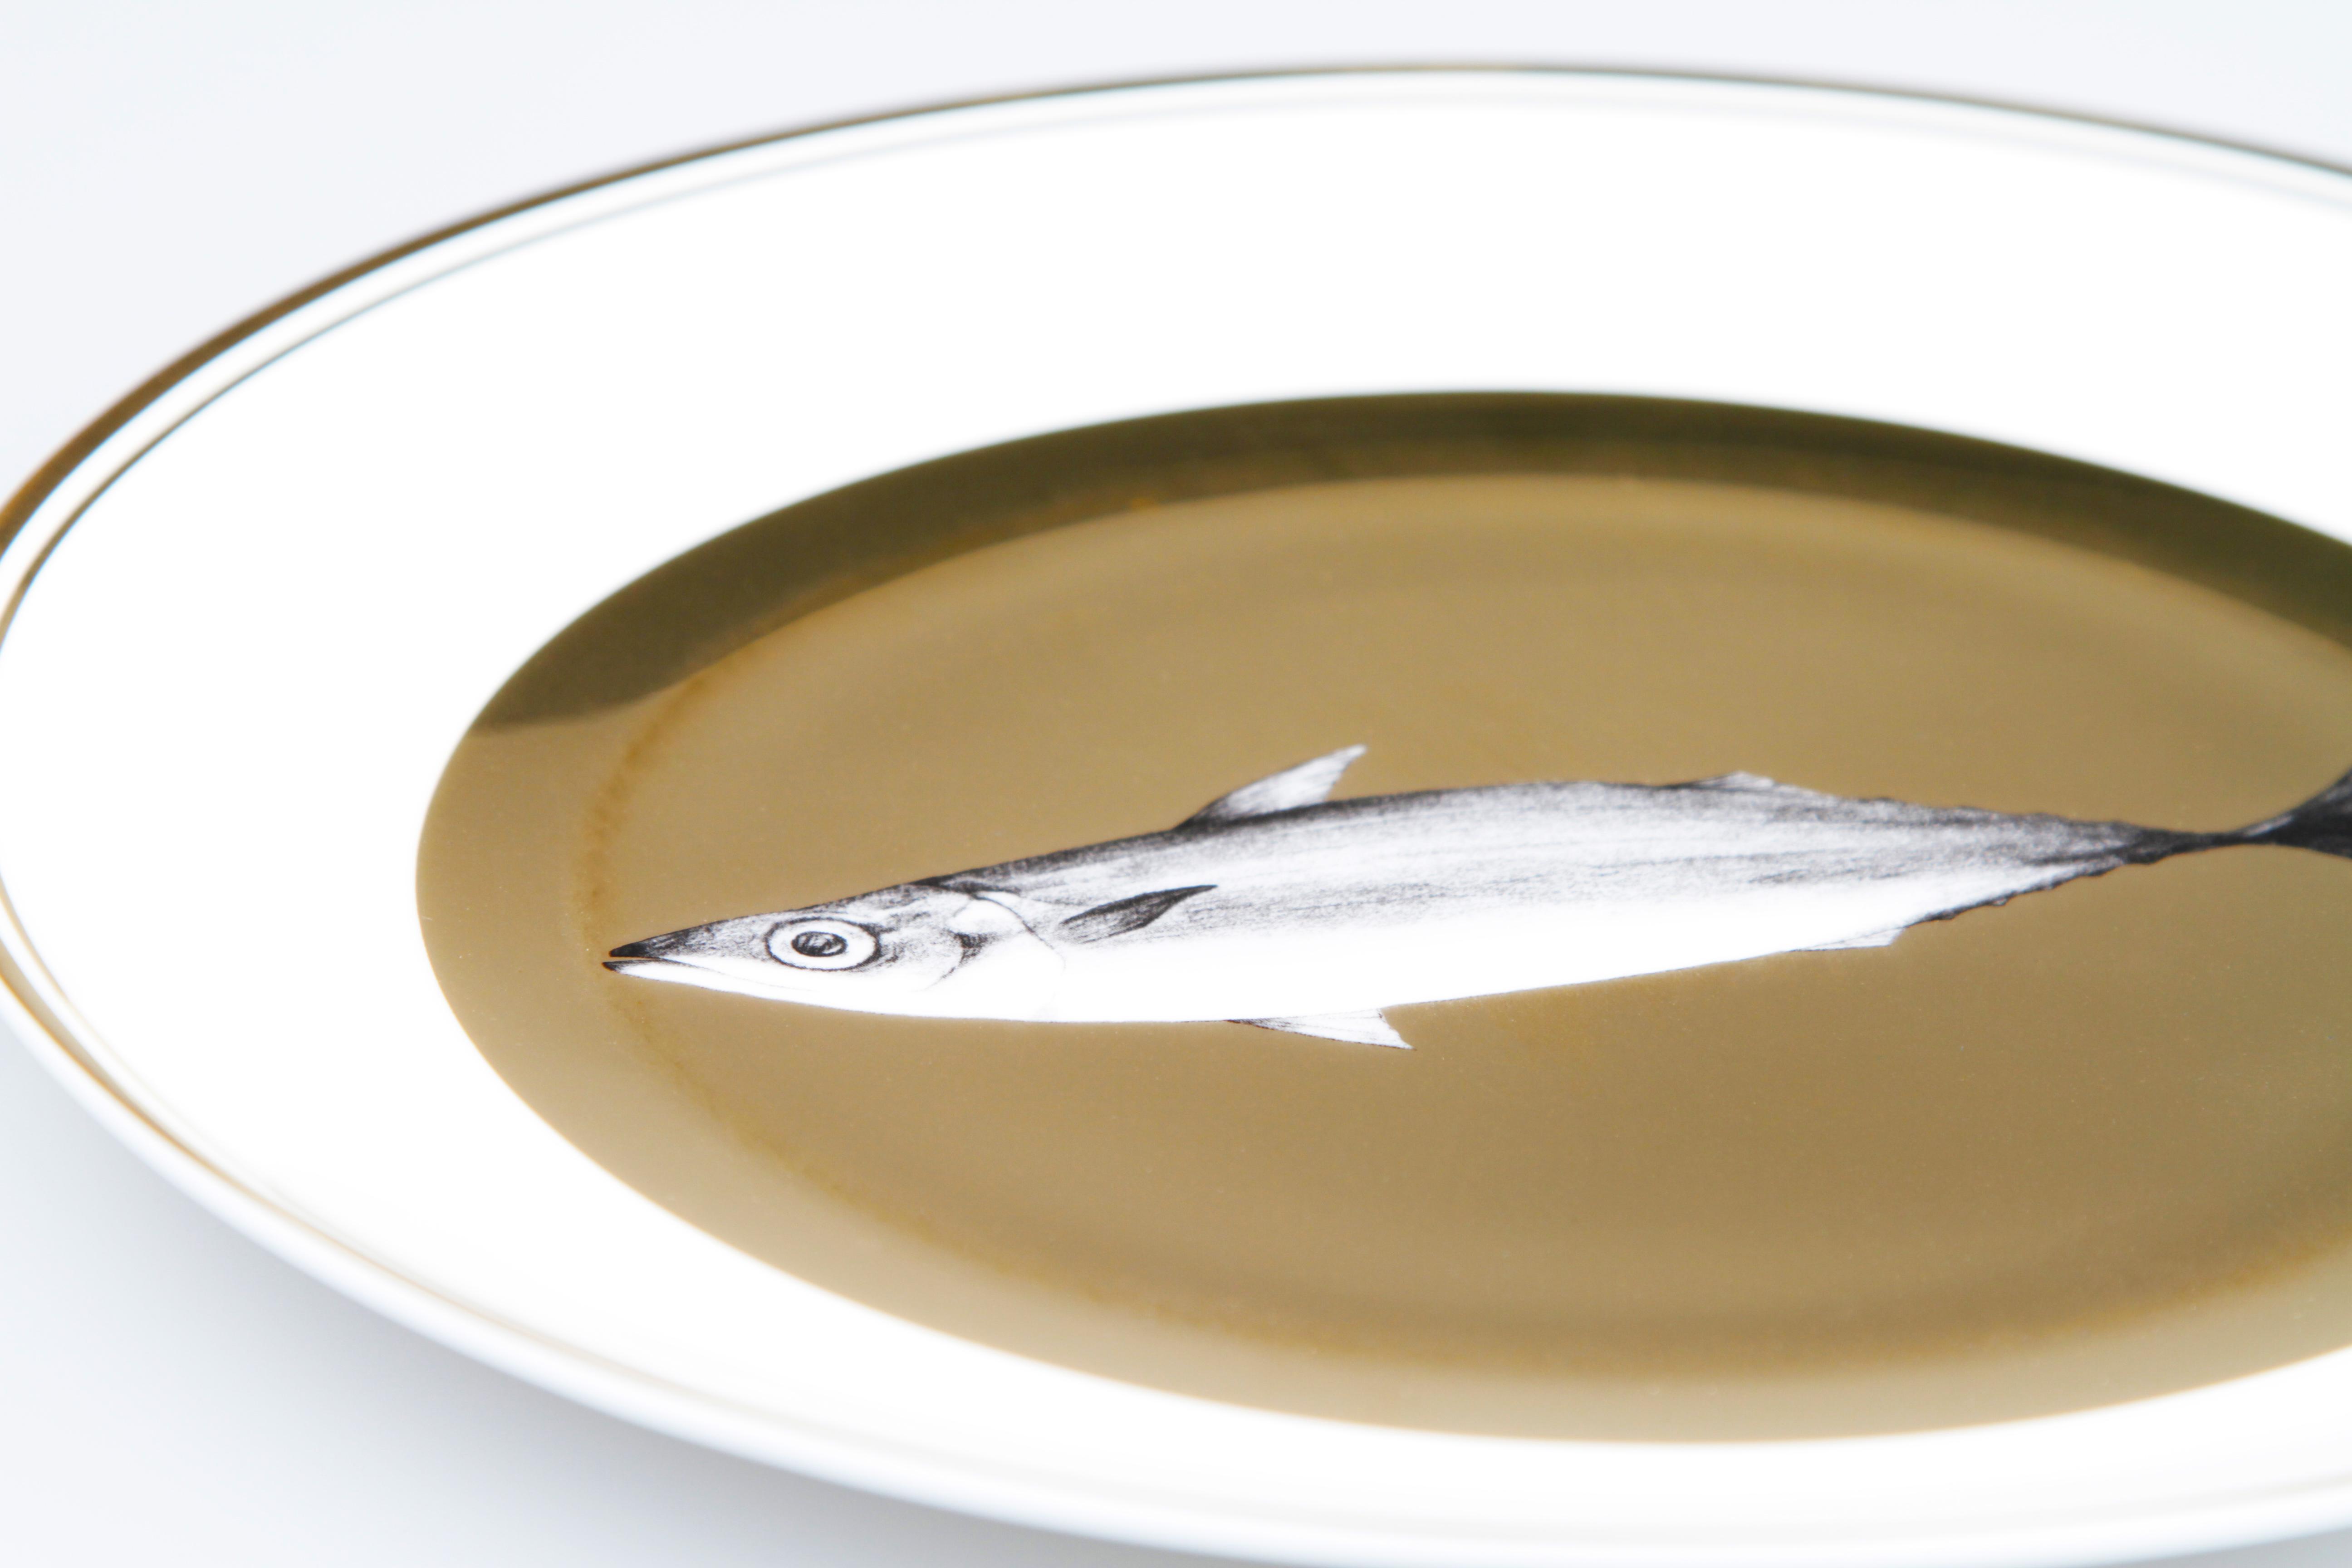 美美生味之秋刀鱼盘 金面骨瓷盘